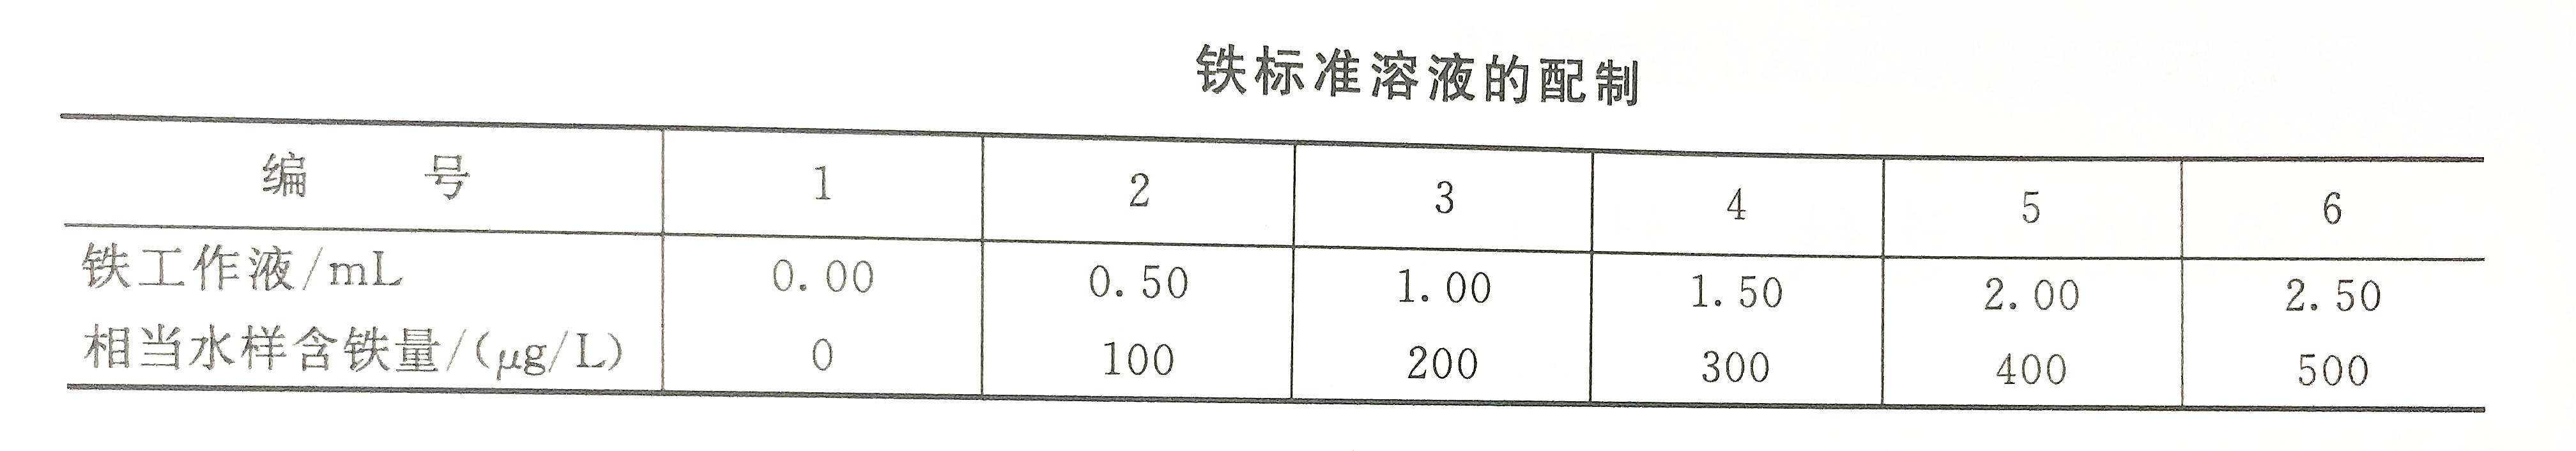 铁标准溶液配制表